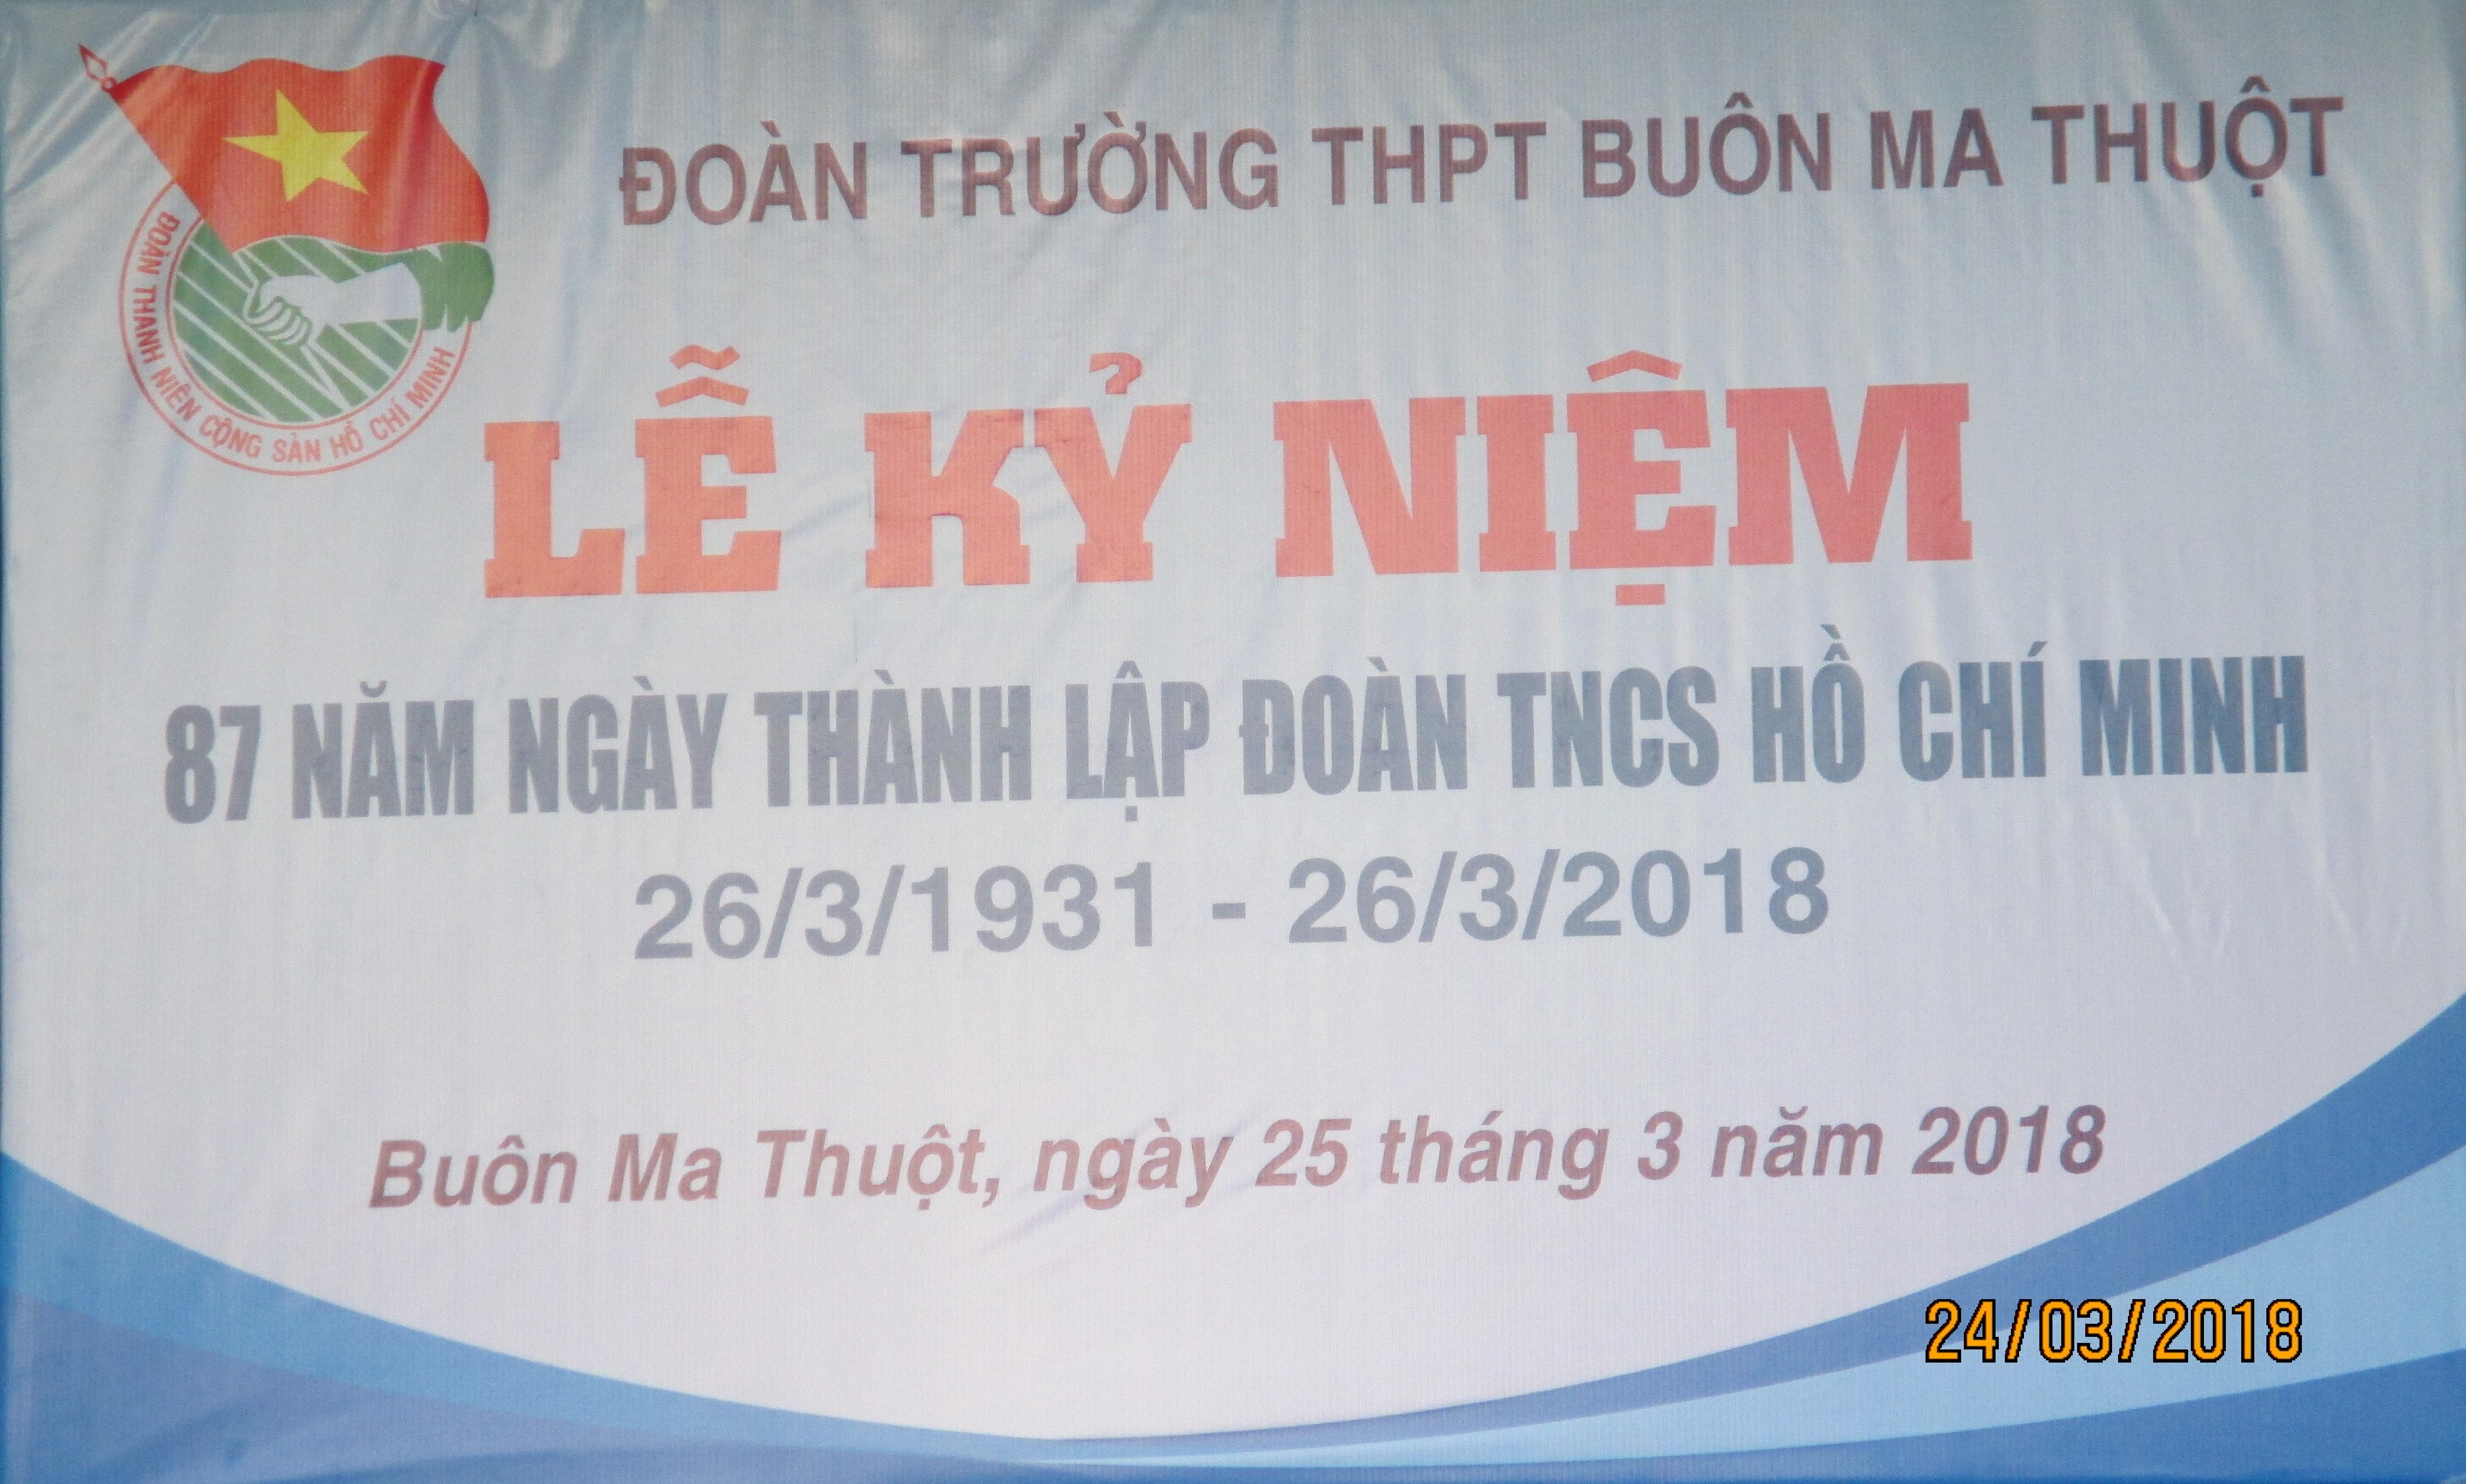 Album_87 năm ngày thành lập Đoàn TNCSHCM (26/3/1931-26/3/2018)